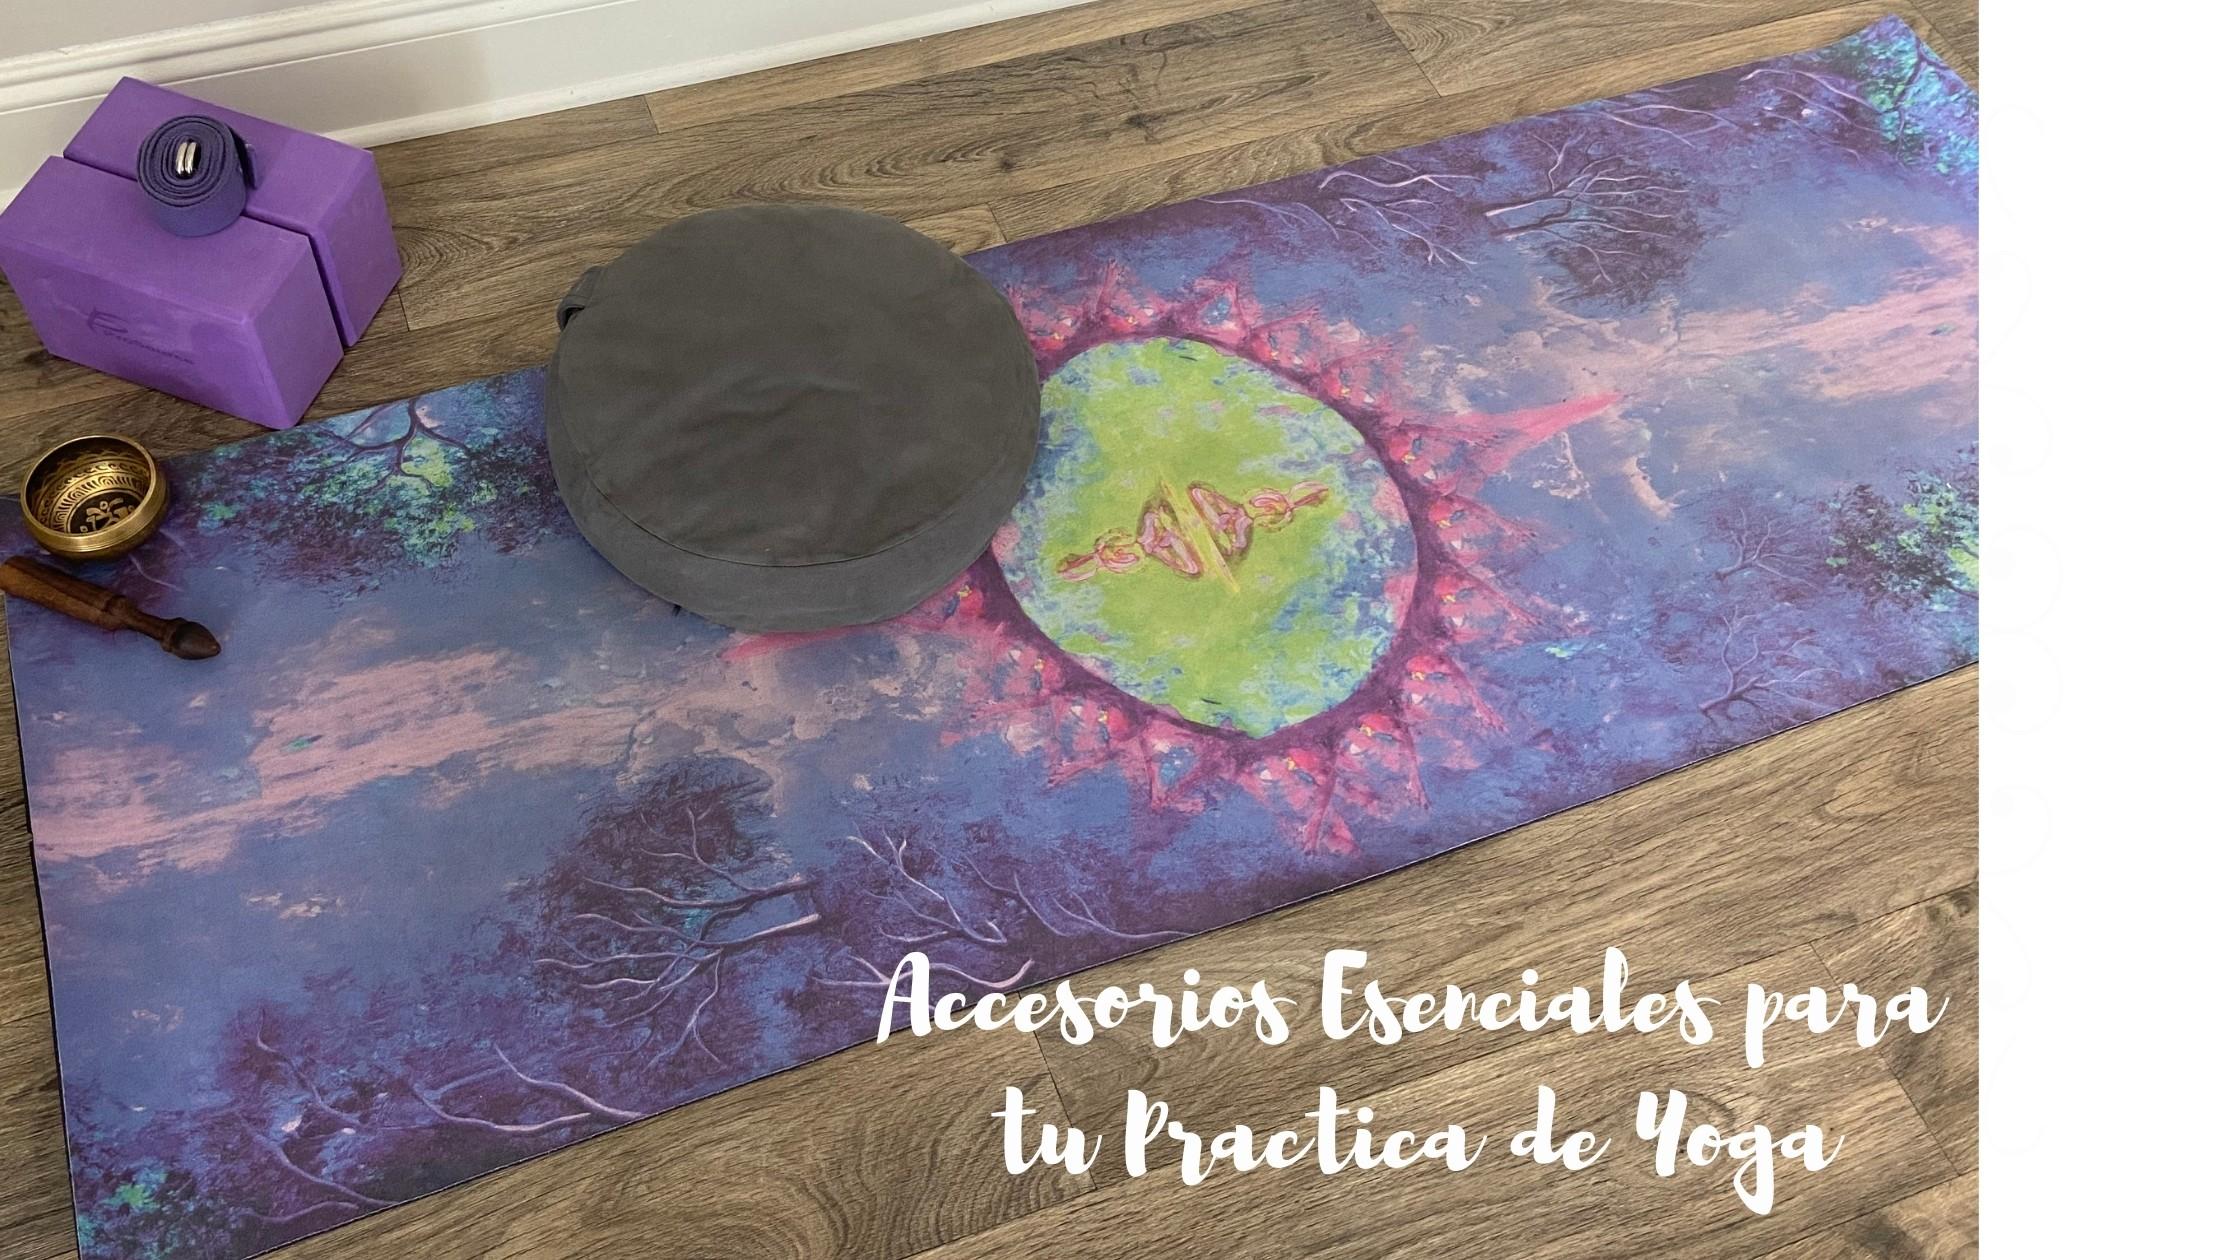 accesorios esenciales para tu pratica de yoga JimenaTobonYoga